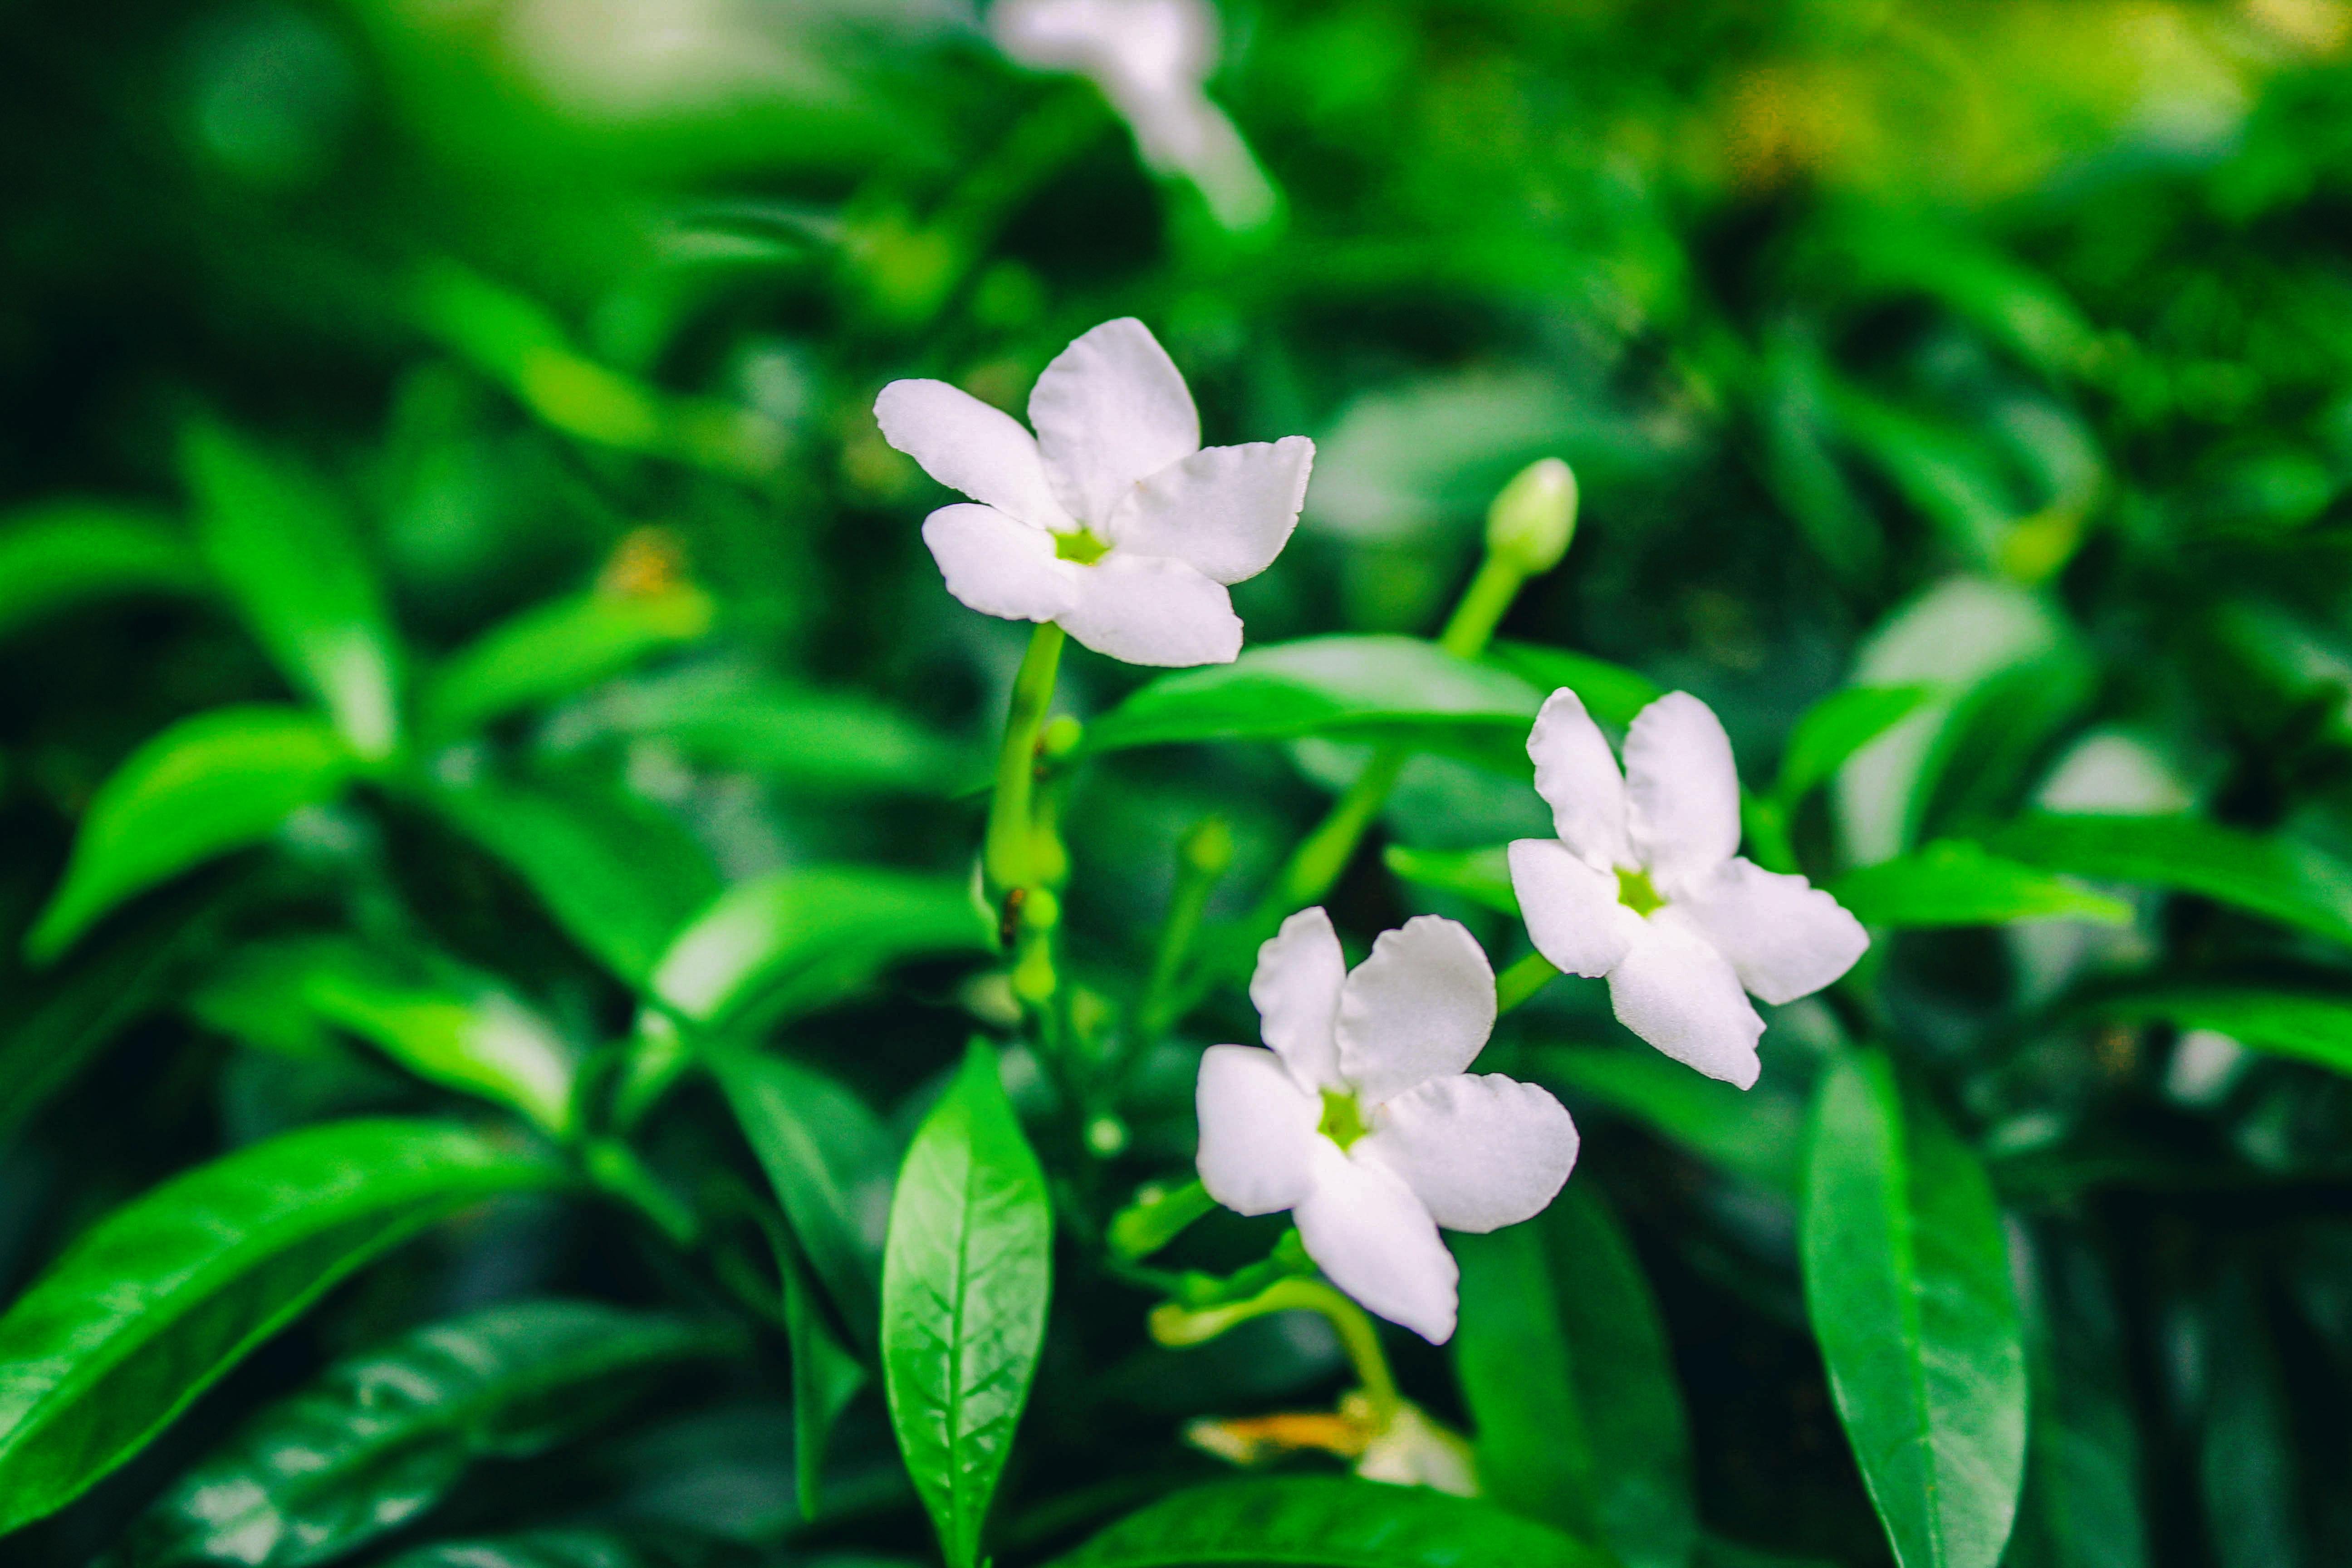 Flower Hd 5184x3456 Wallpaper Teahub Io